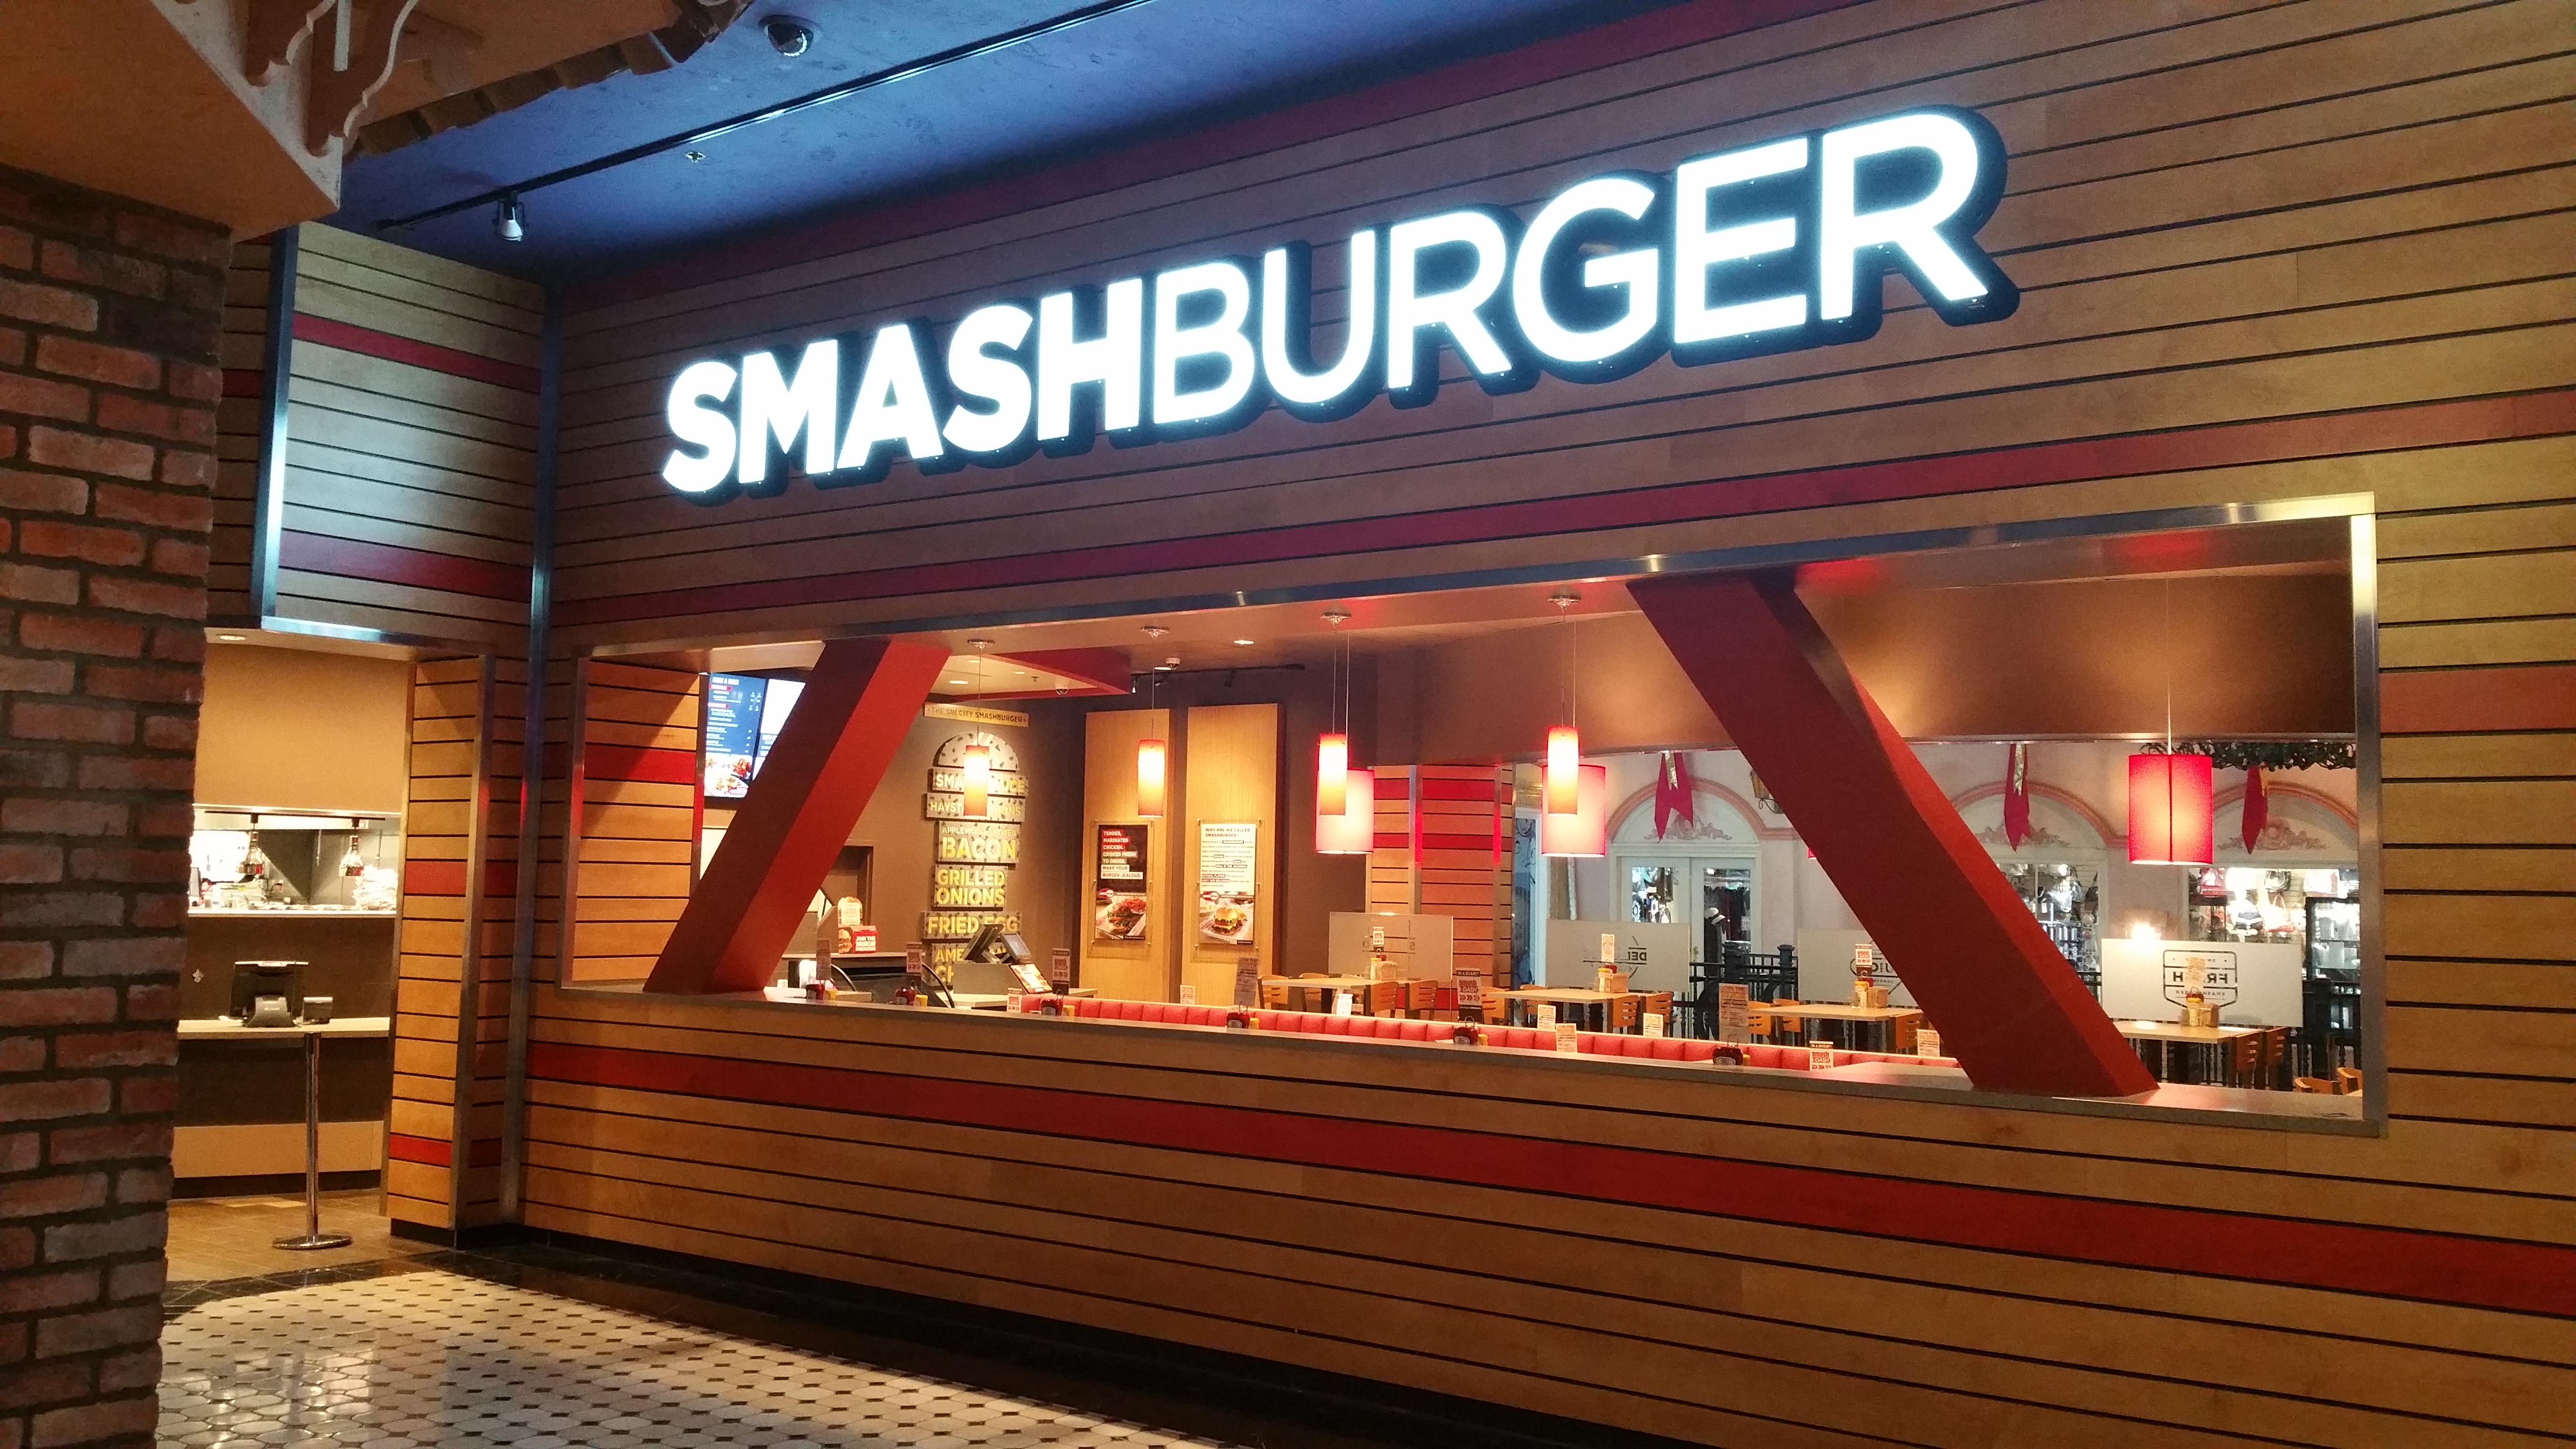 Smashbuger at the Rio